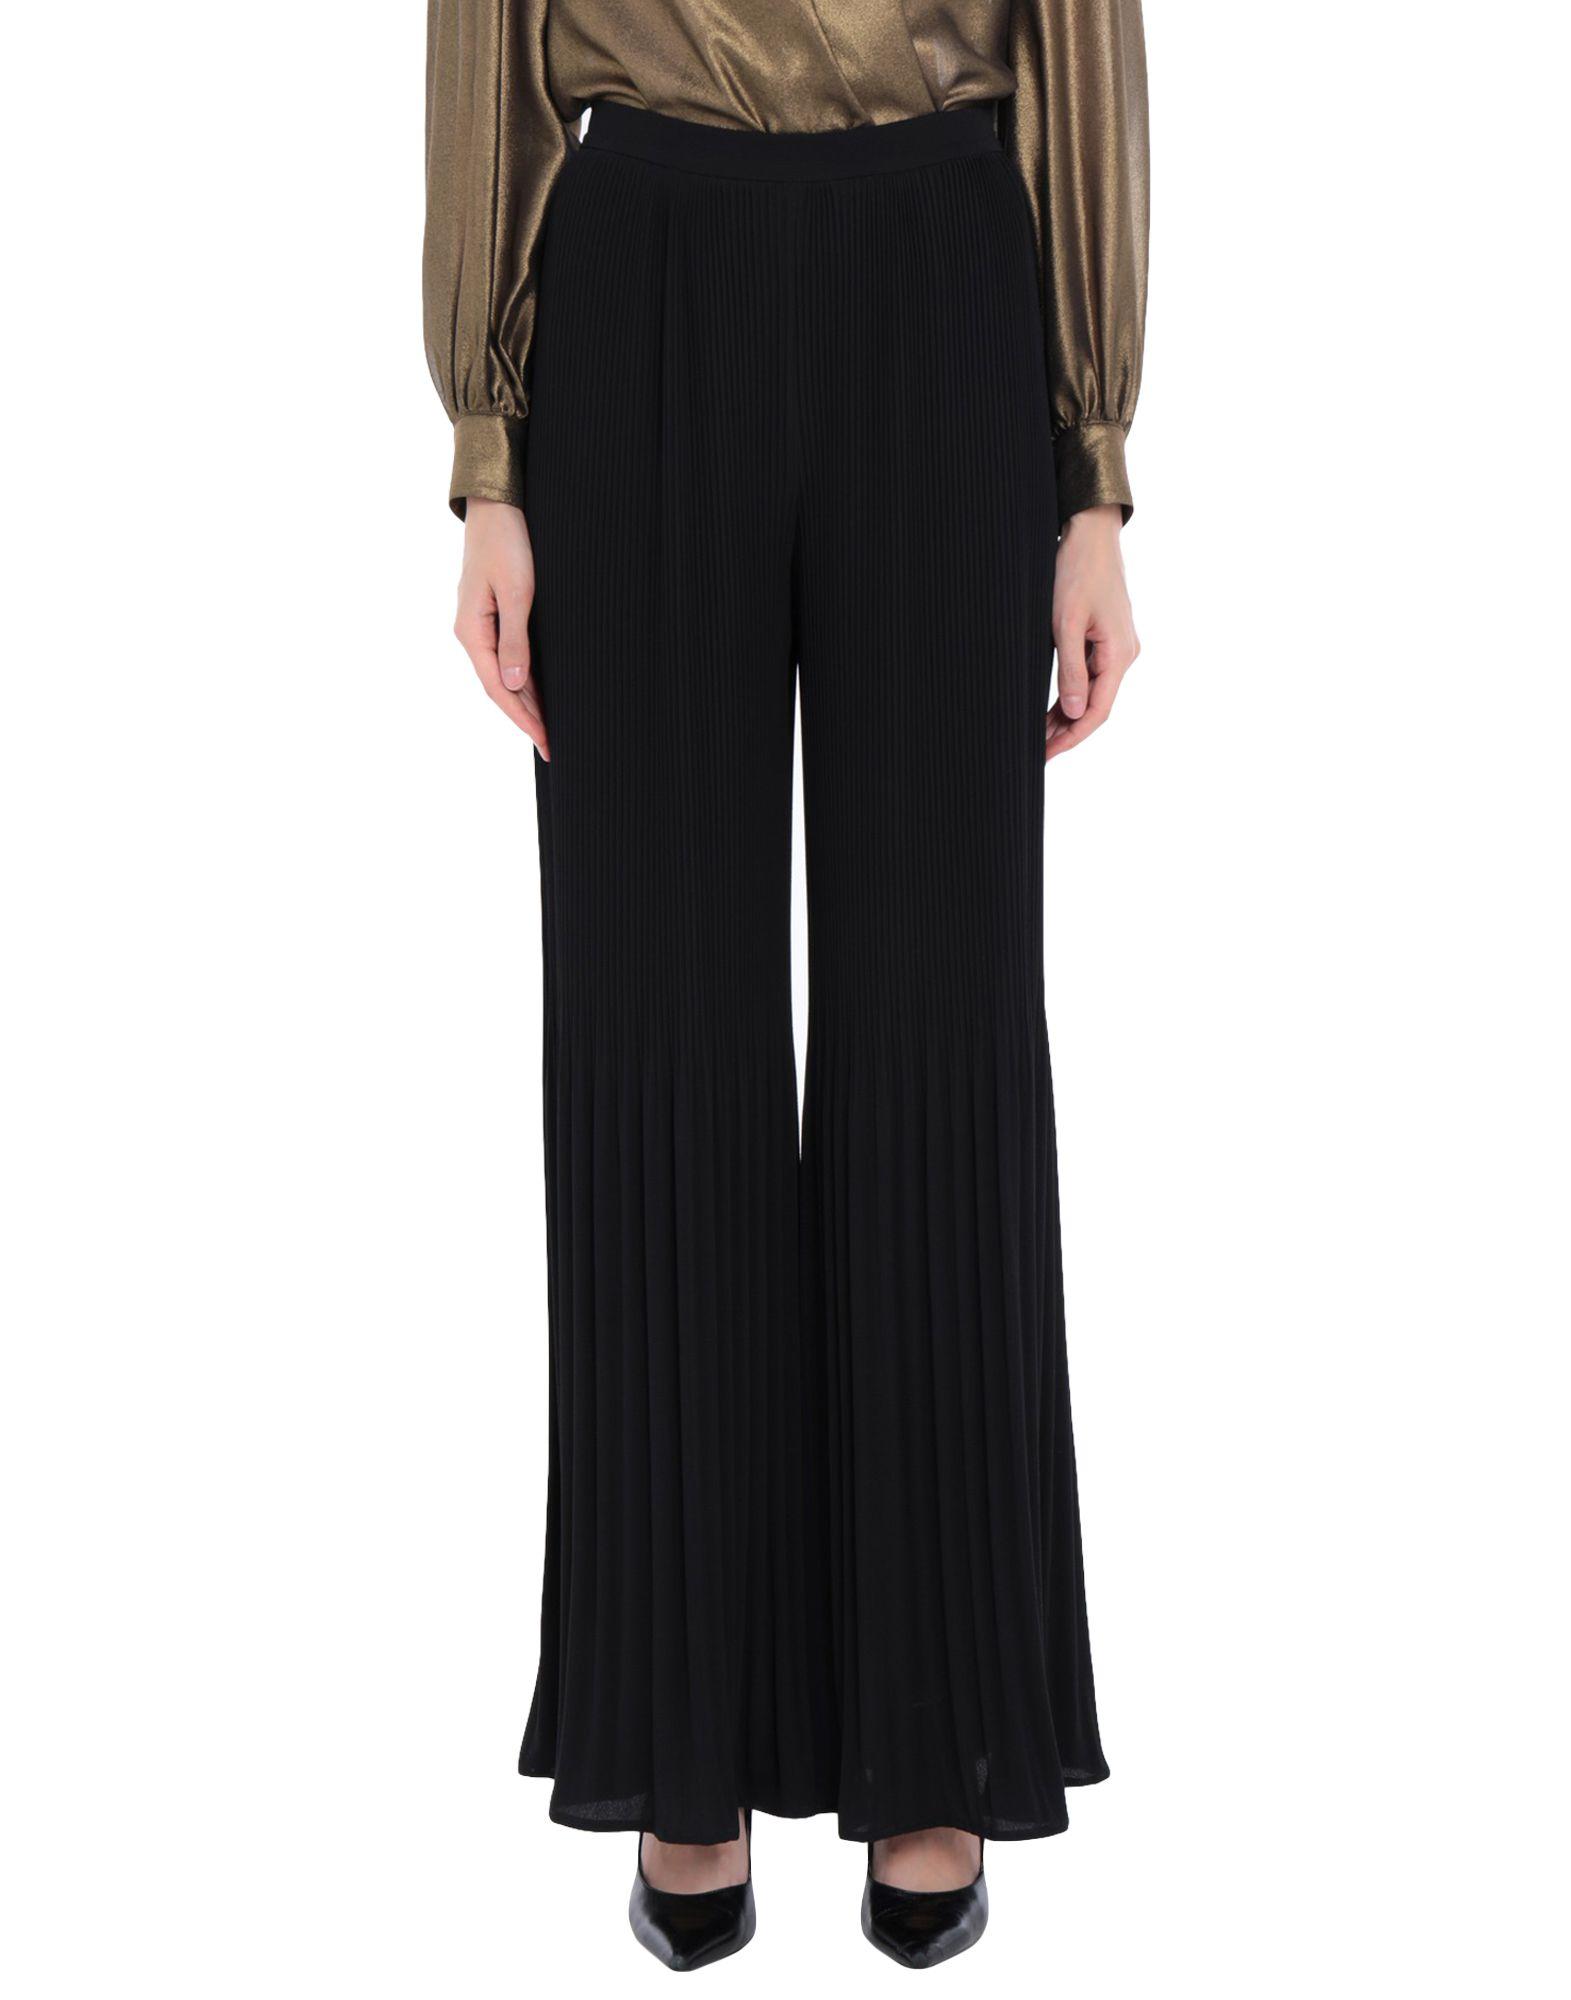 Фото - HH COUTURE Повседневные брюки hh couture повседневные брюки